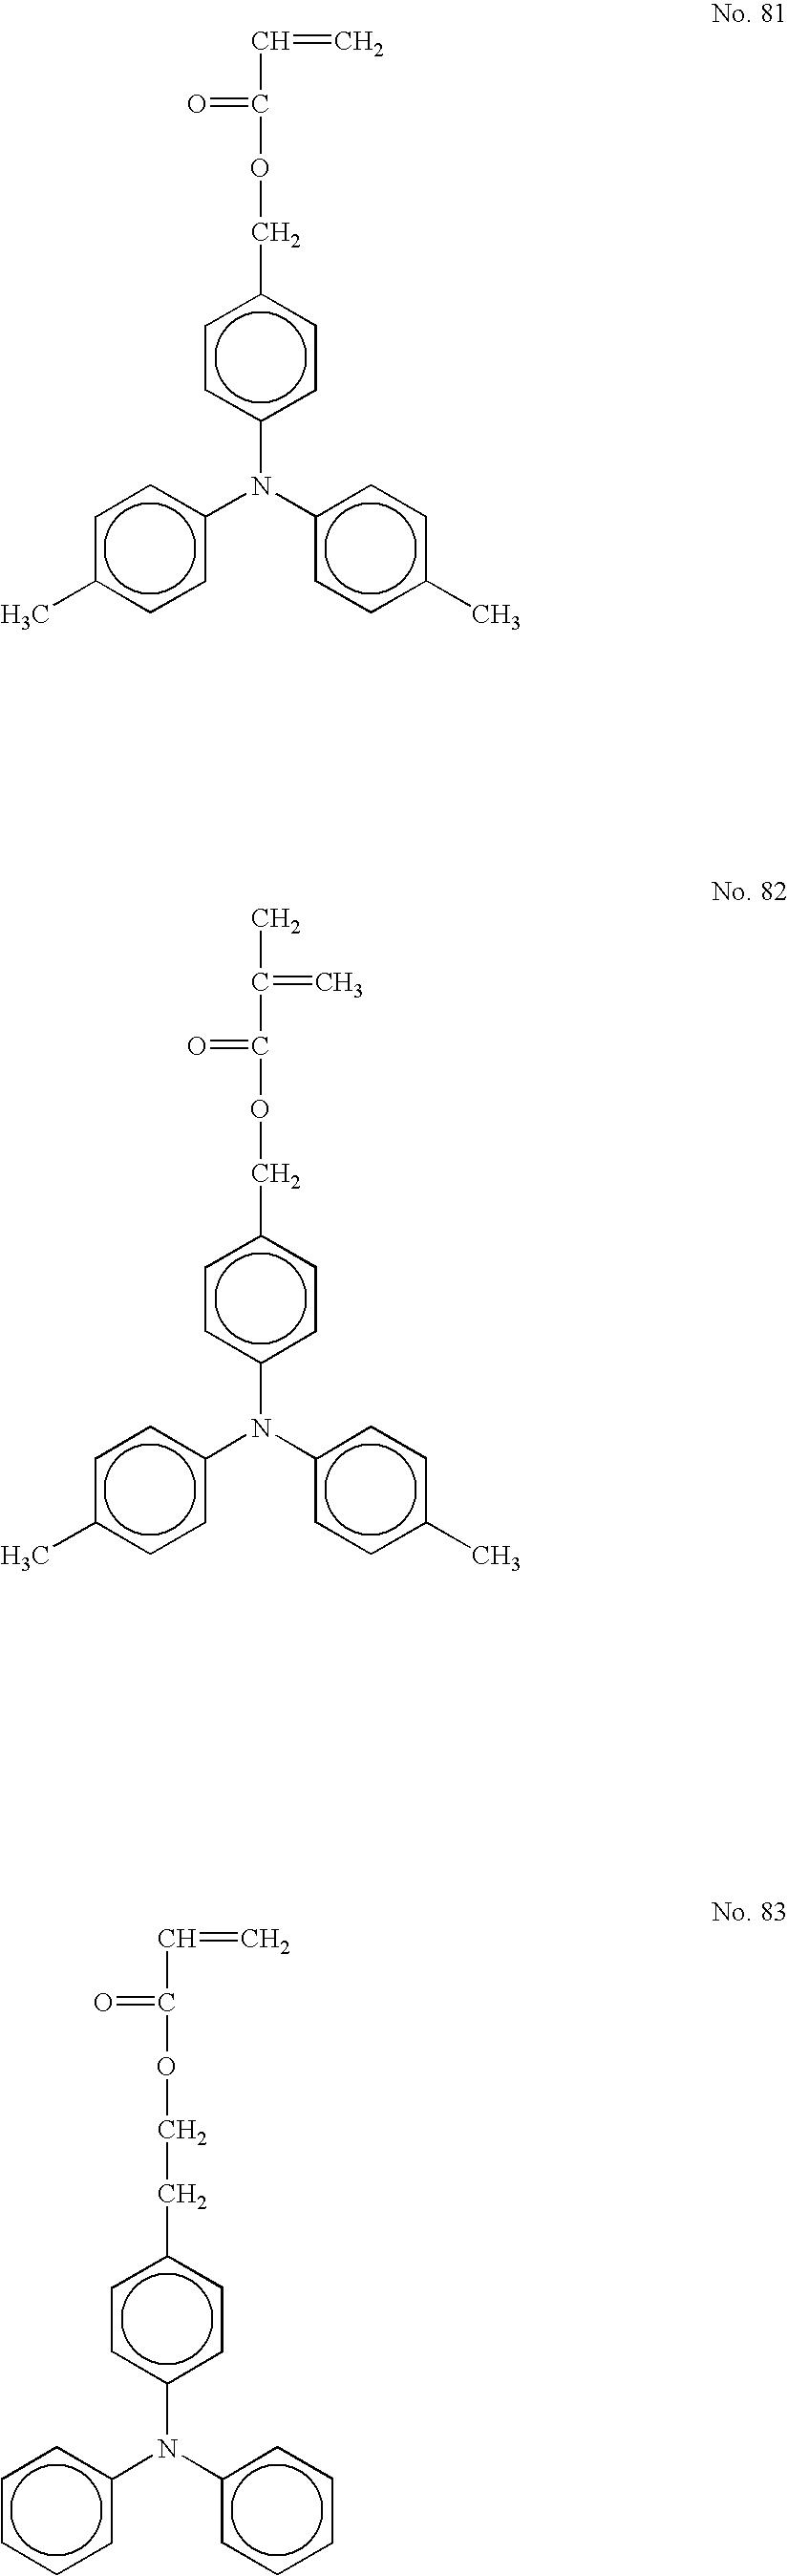 Figure US20060177749A1-20060810-C00043